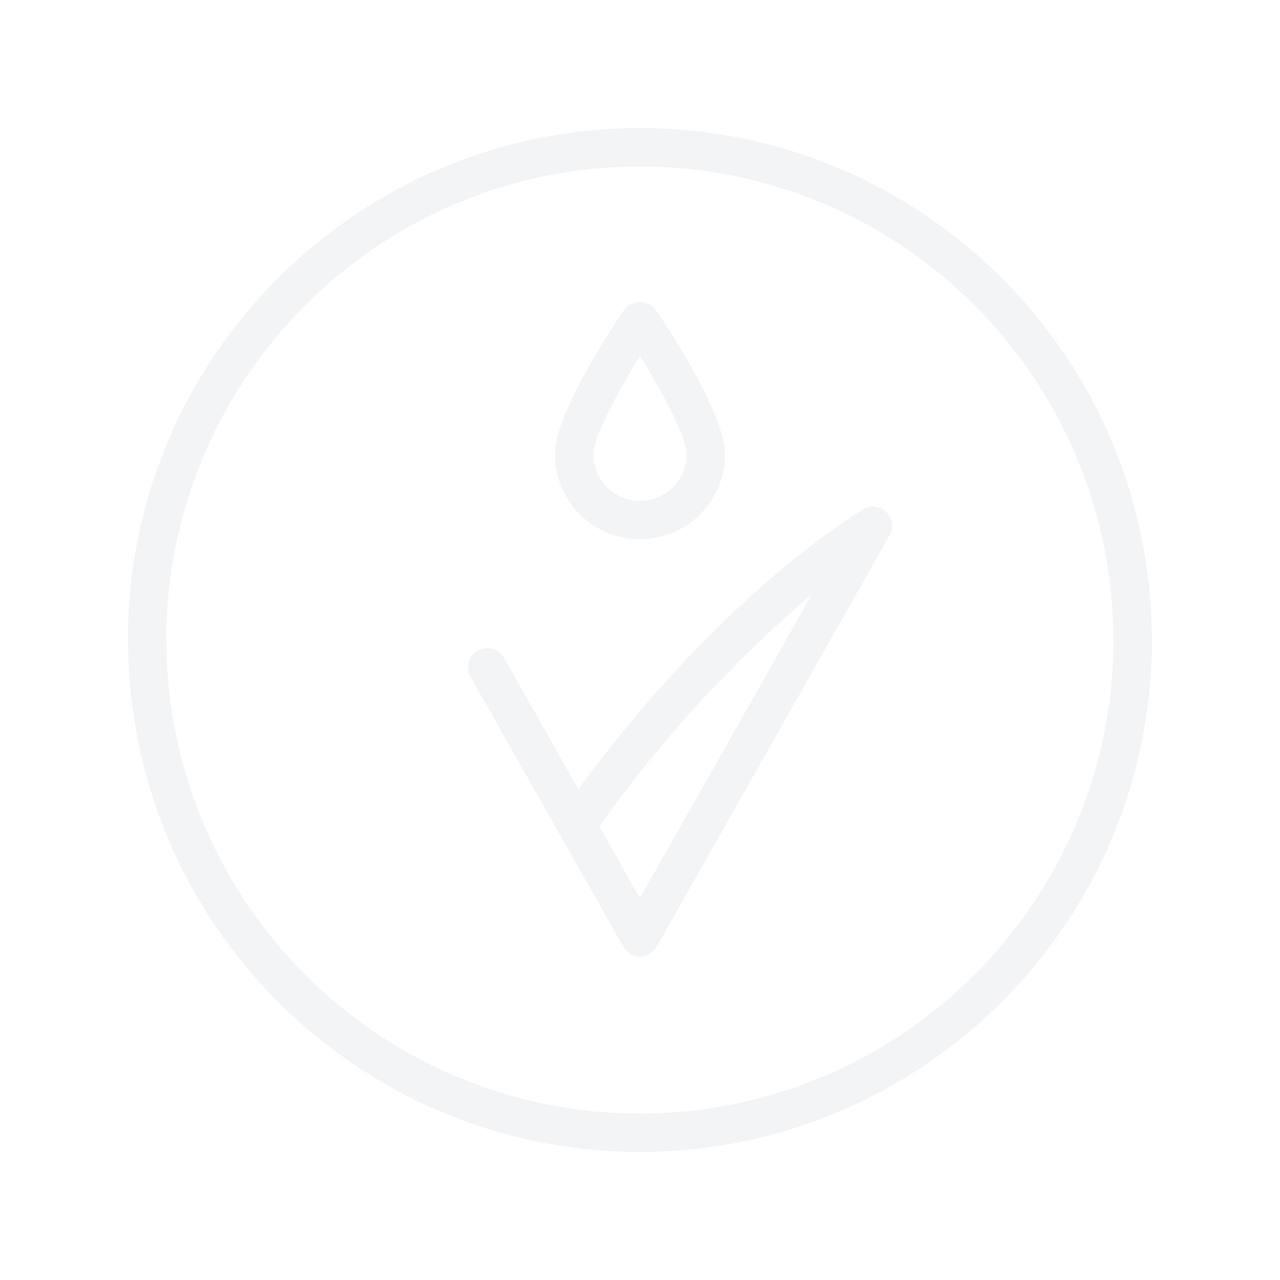 MAKEUP REVOLUTION Ultimate Blush & Light & Contour Palette 2018 85g